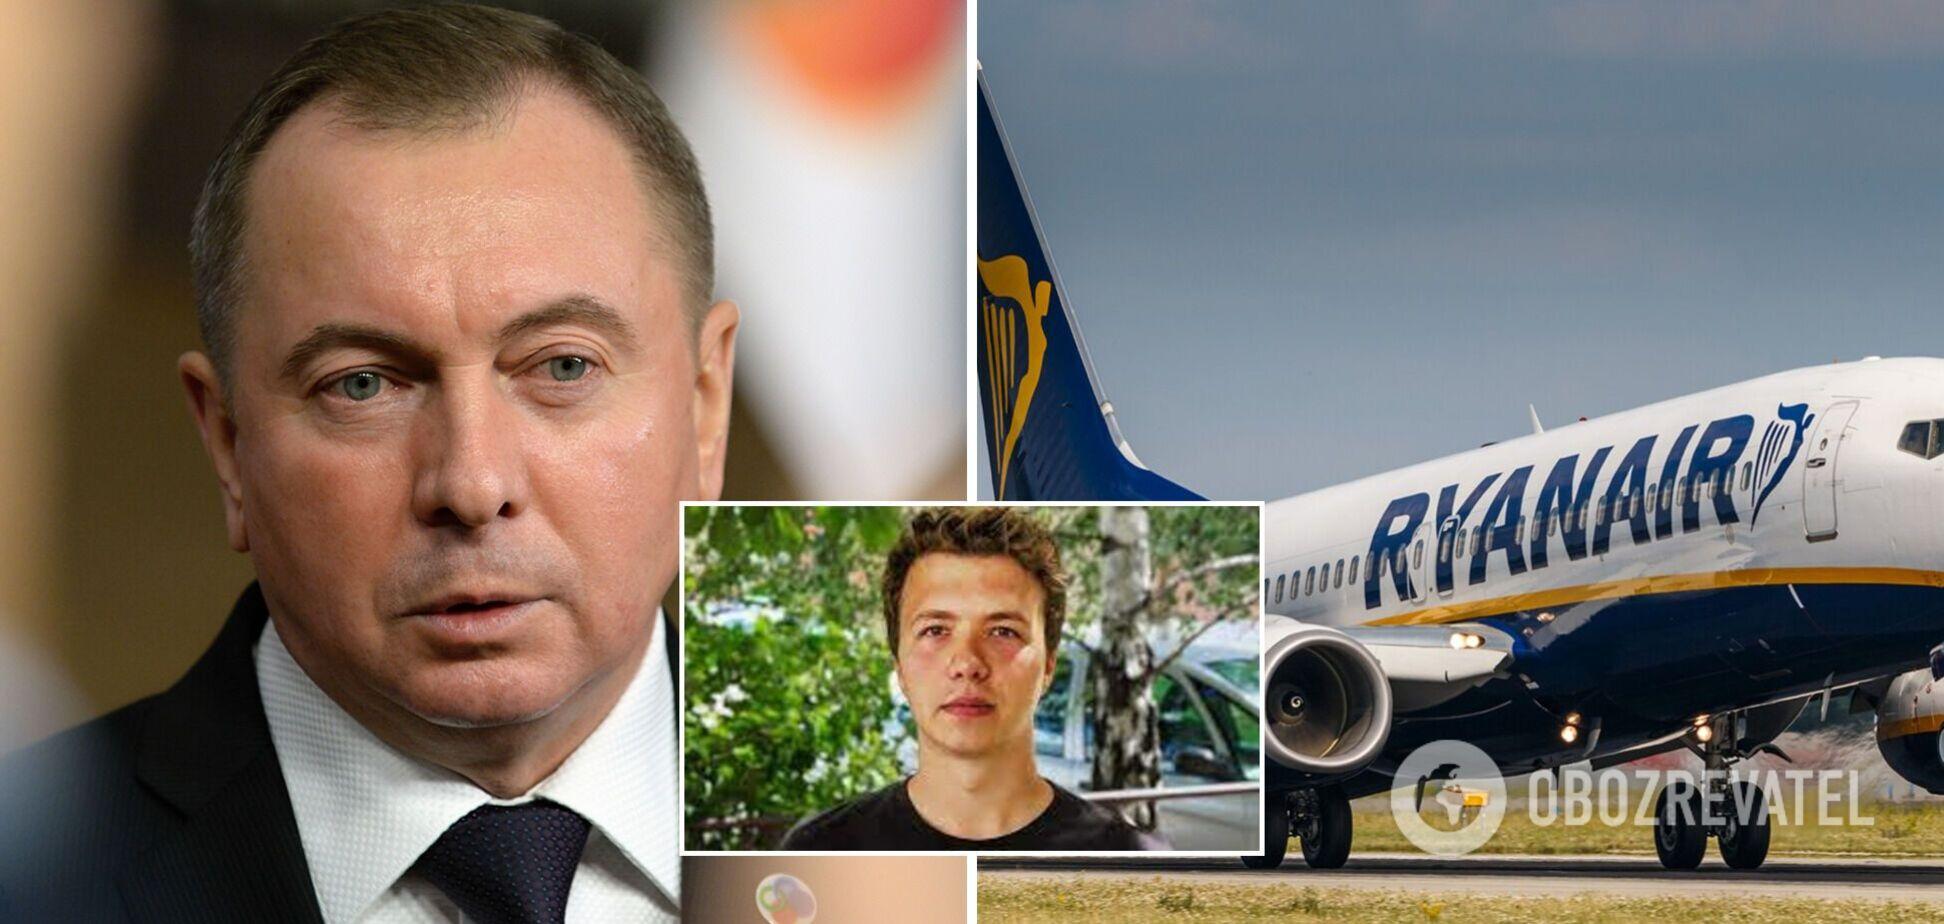 Глава МИД Беларуси: если бы экипаж Ryanair решил садиться в Вильнюсе, он бы спокойно пересек границу